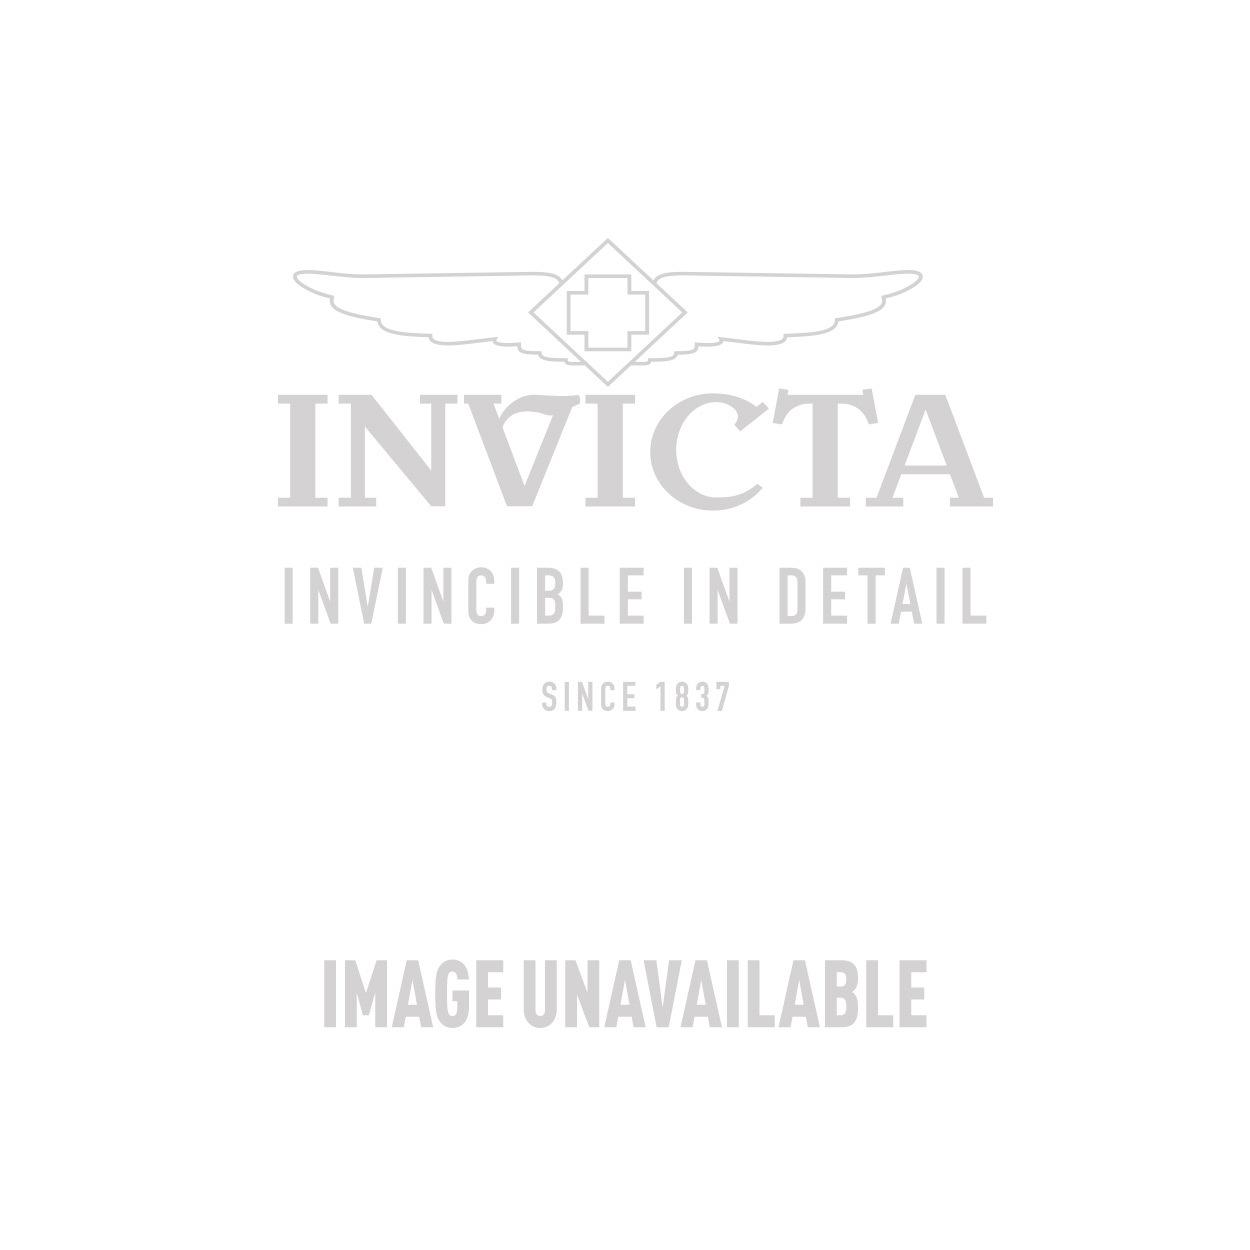 Invicta Model 28911